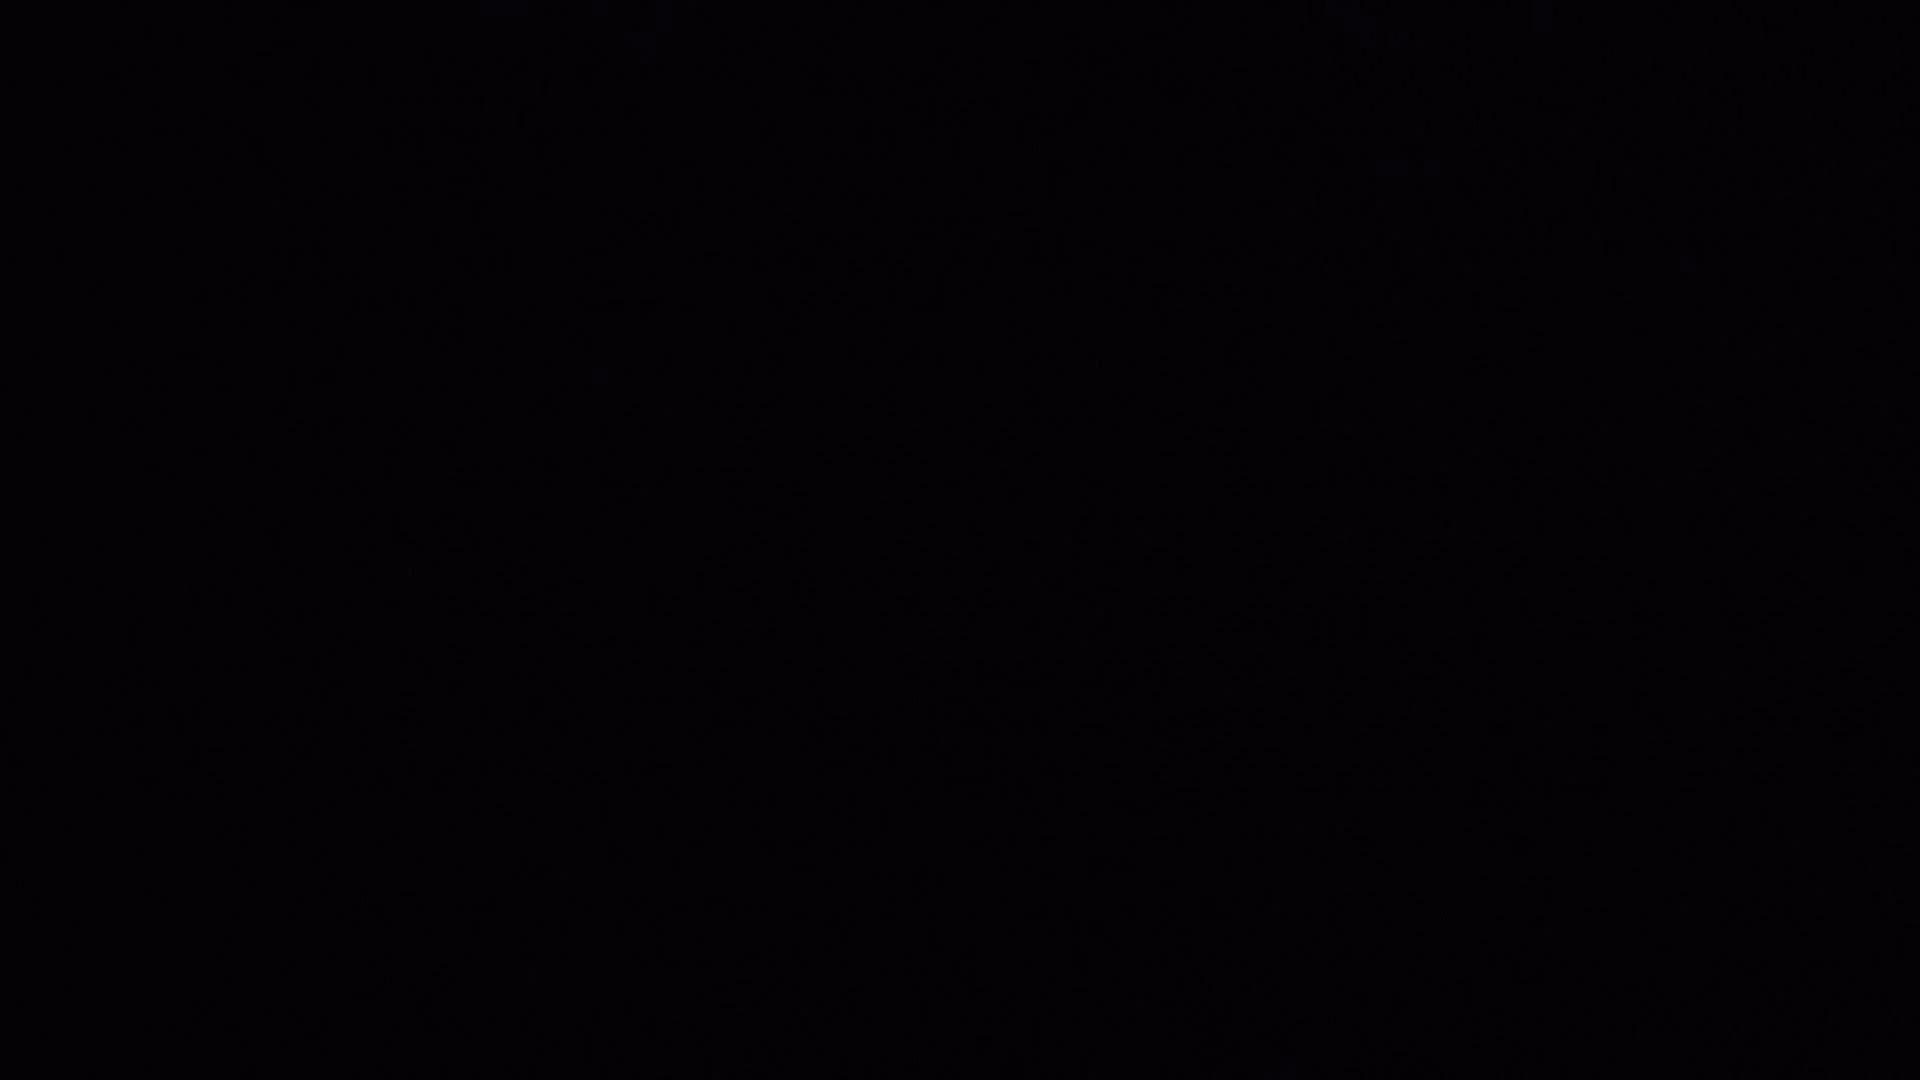 民家の騎士さんの最後の性戦ハイビジョン!!No.55 プライベート  63画像 58